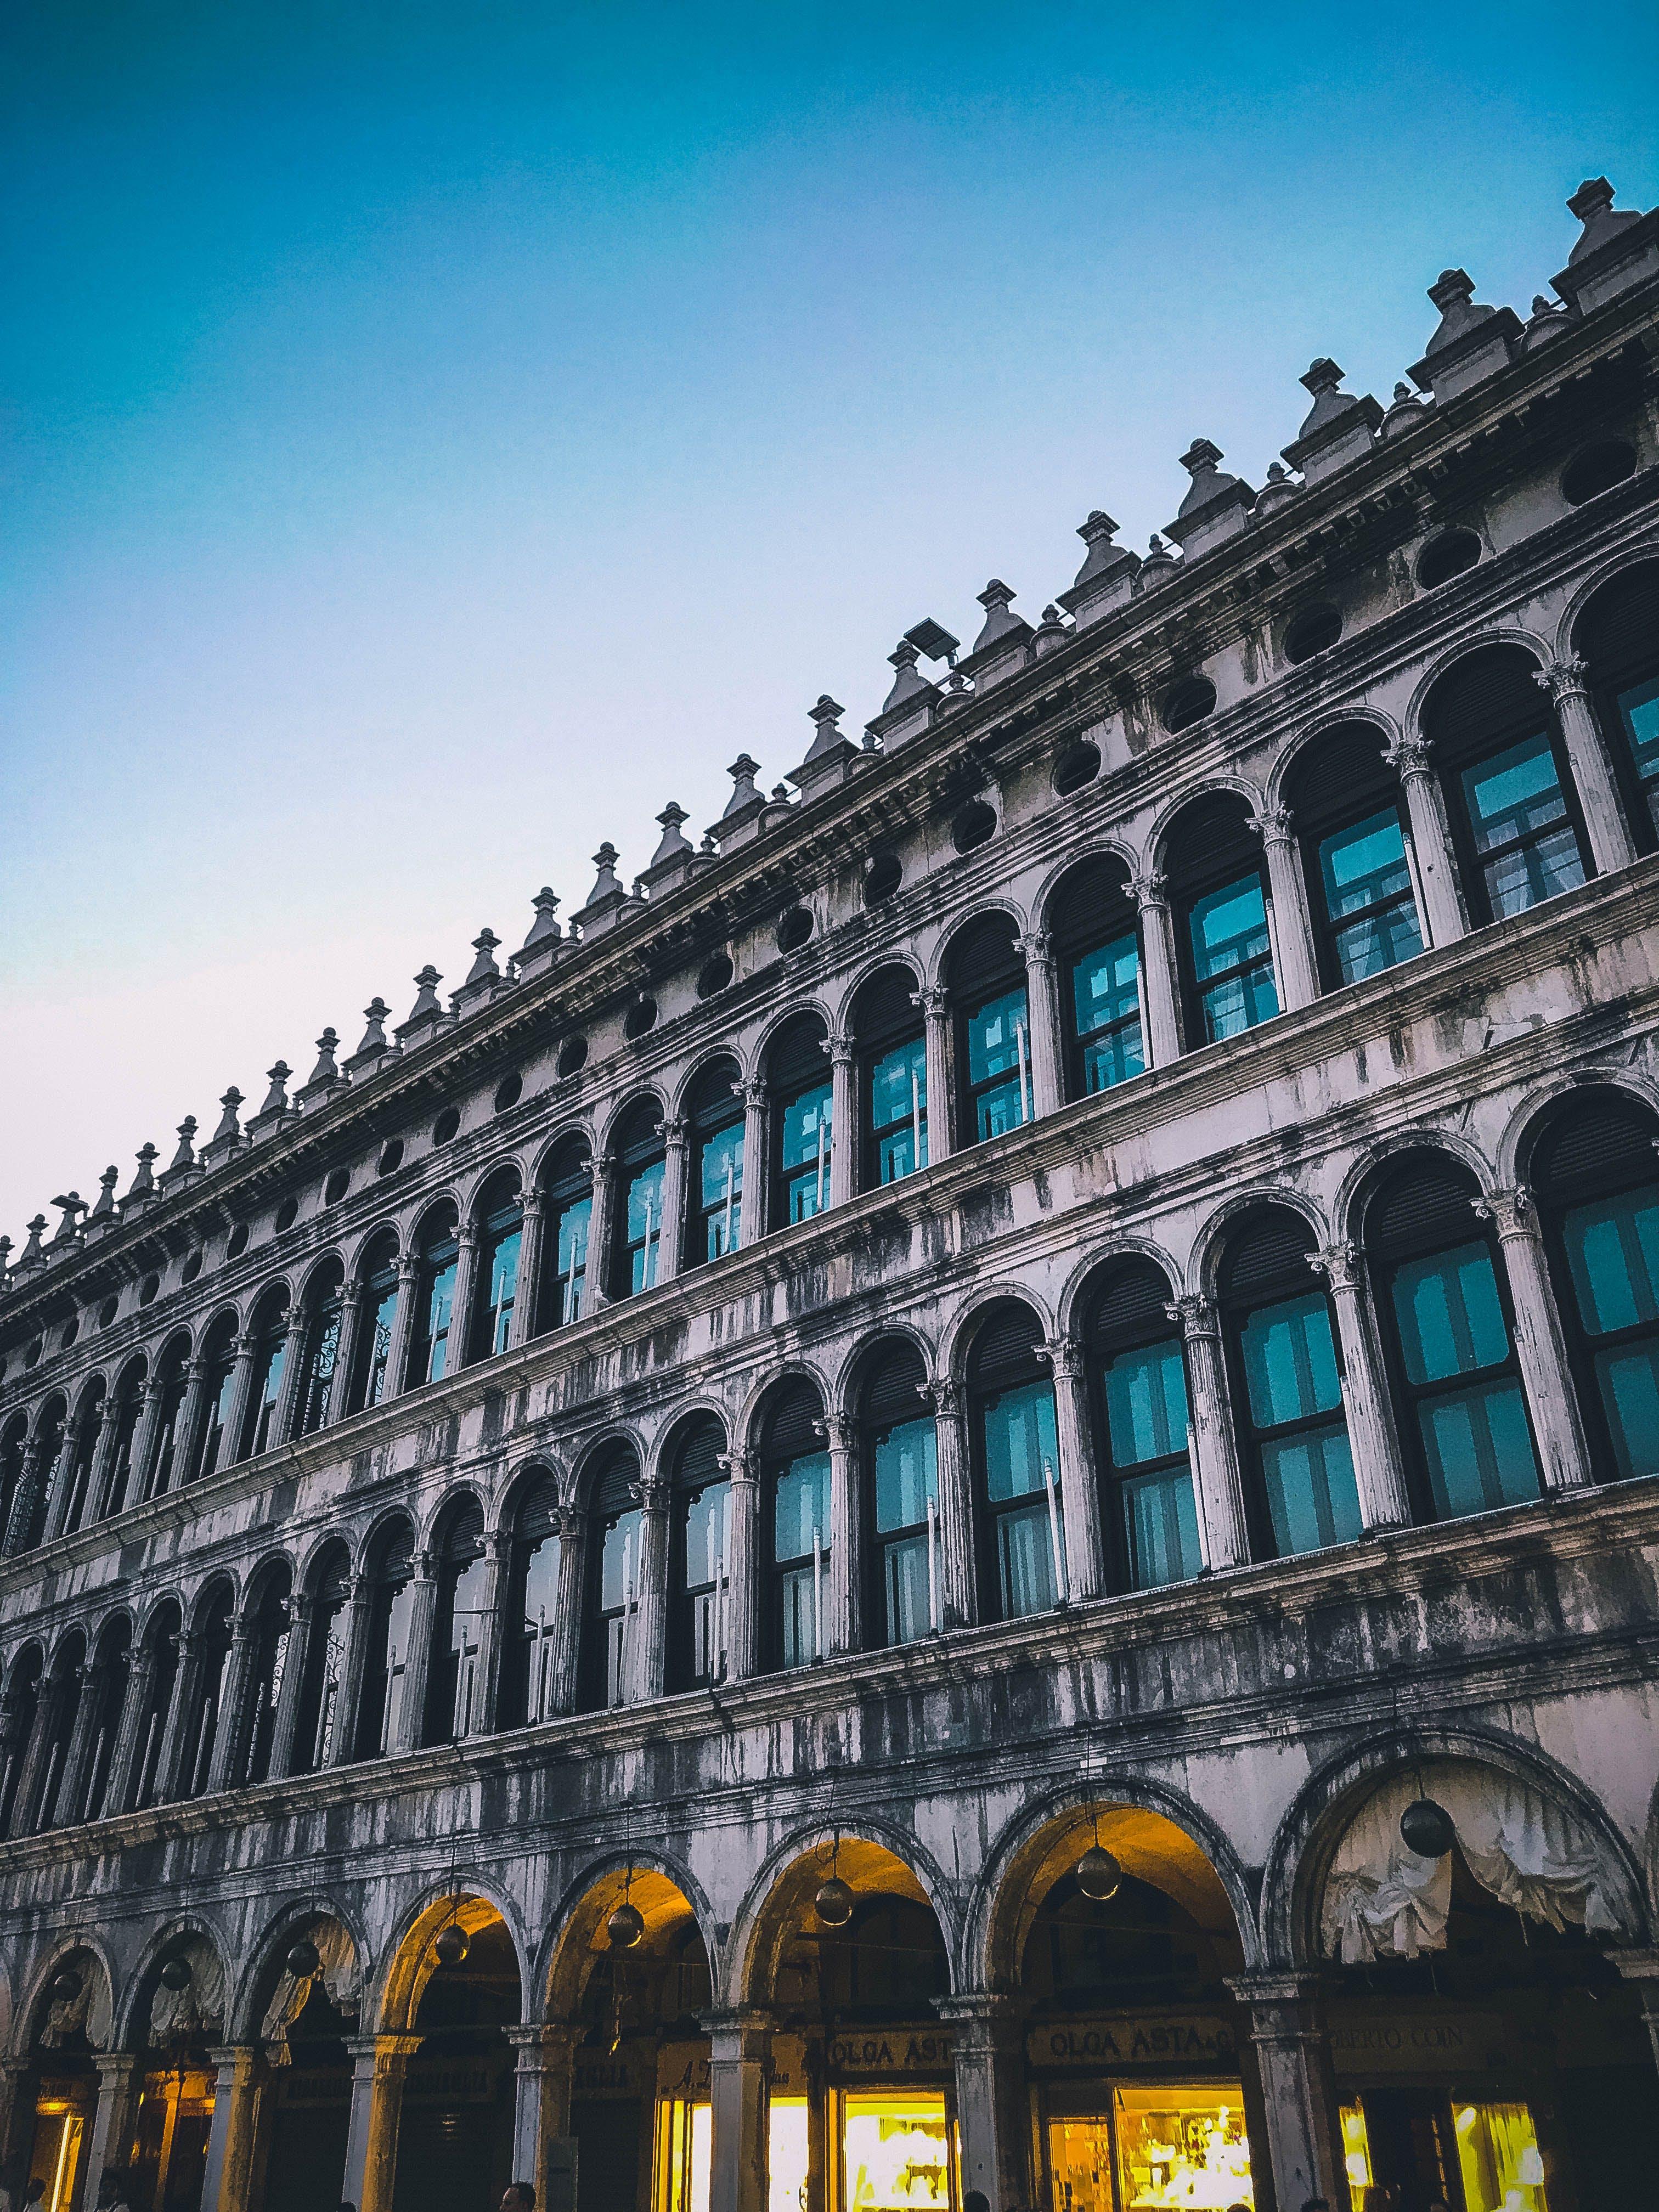 威尼斯, 義大利, 藍色 的 免费素材照片